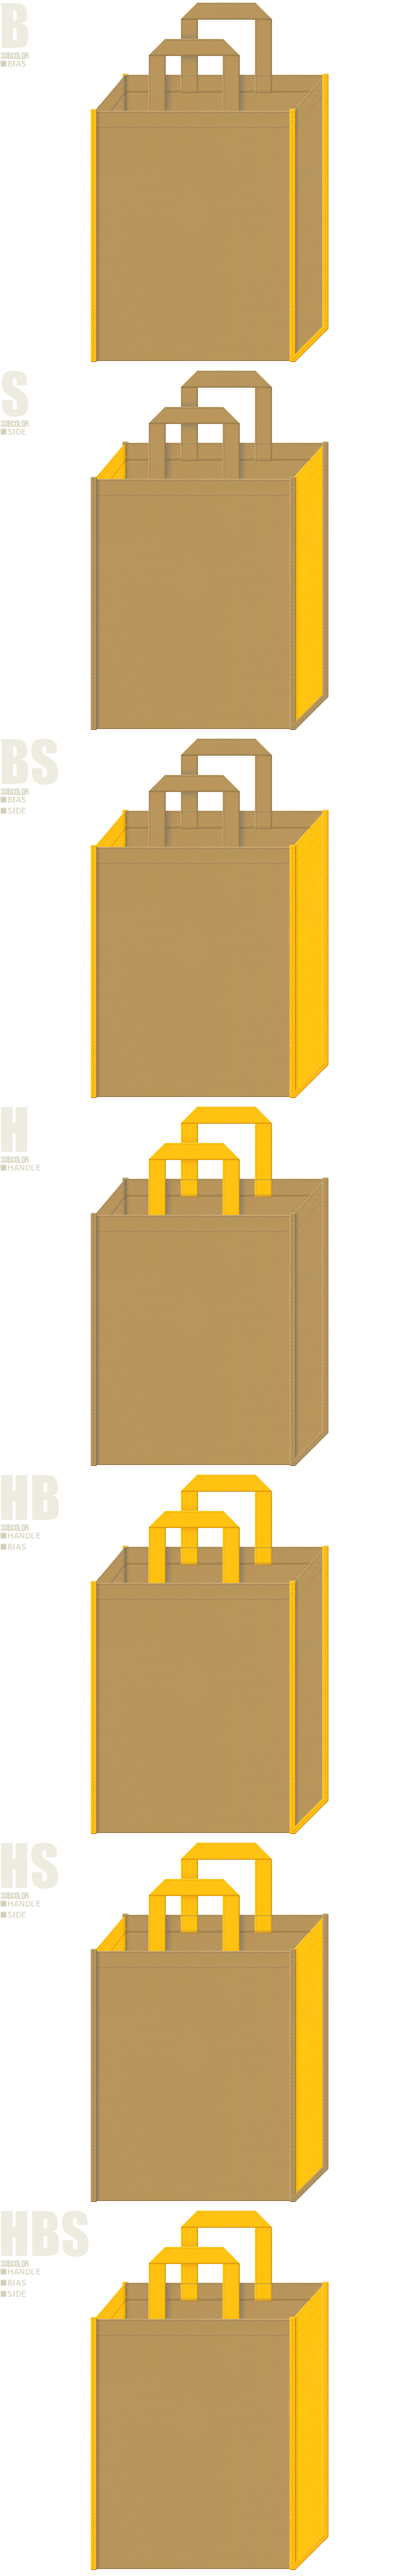 はちみつ・マスタード・カレーパン・マロンケーキ・安全用品の展示会用バッグにお奨めの不織布バッグデザイン:マスタード色と黄色の配色7パターン